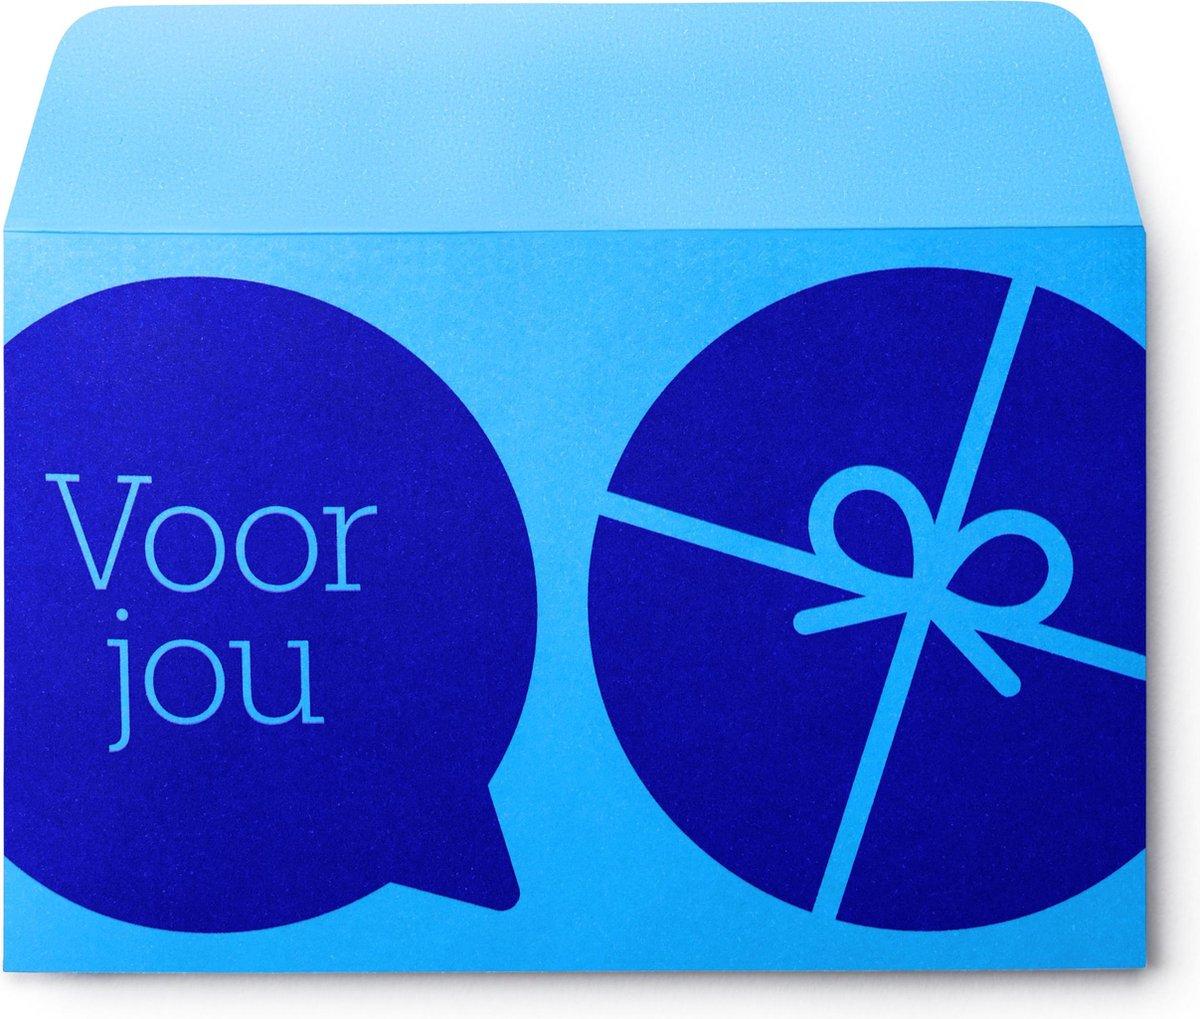 bol.com cadeaukaart - envelop op De Prijzenvolger